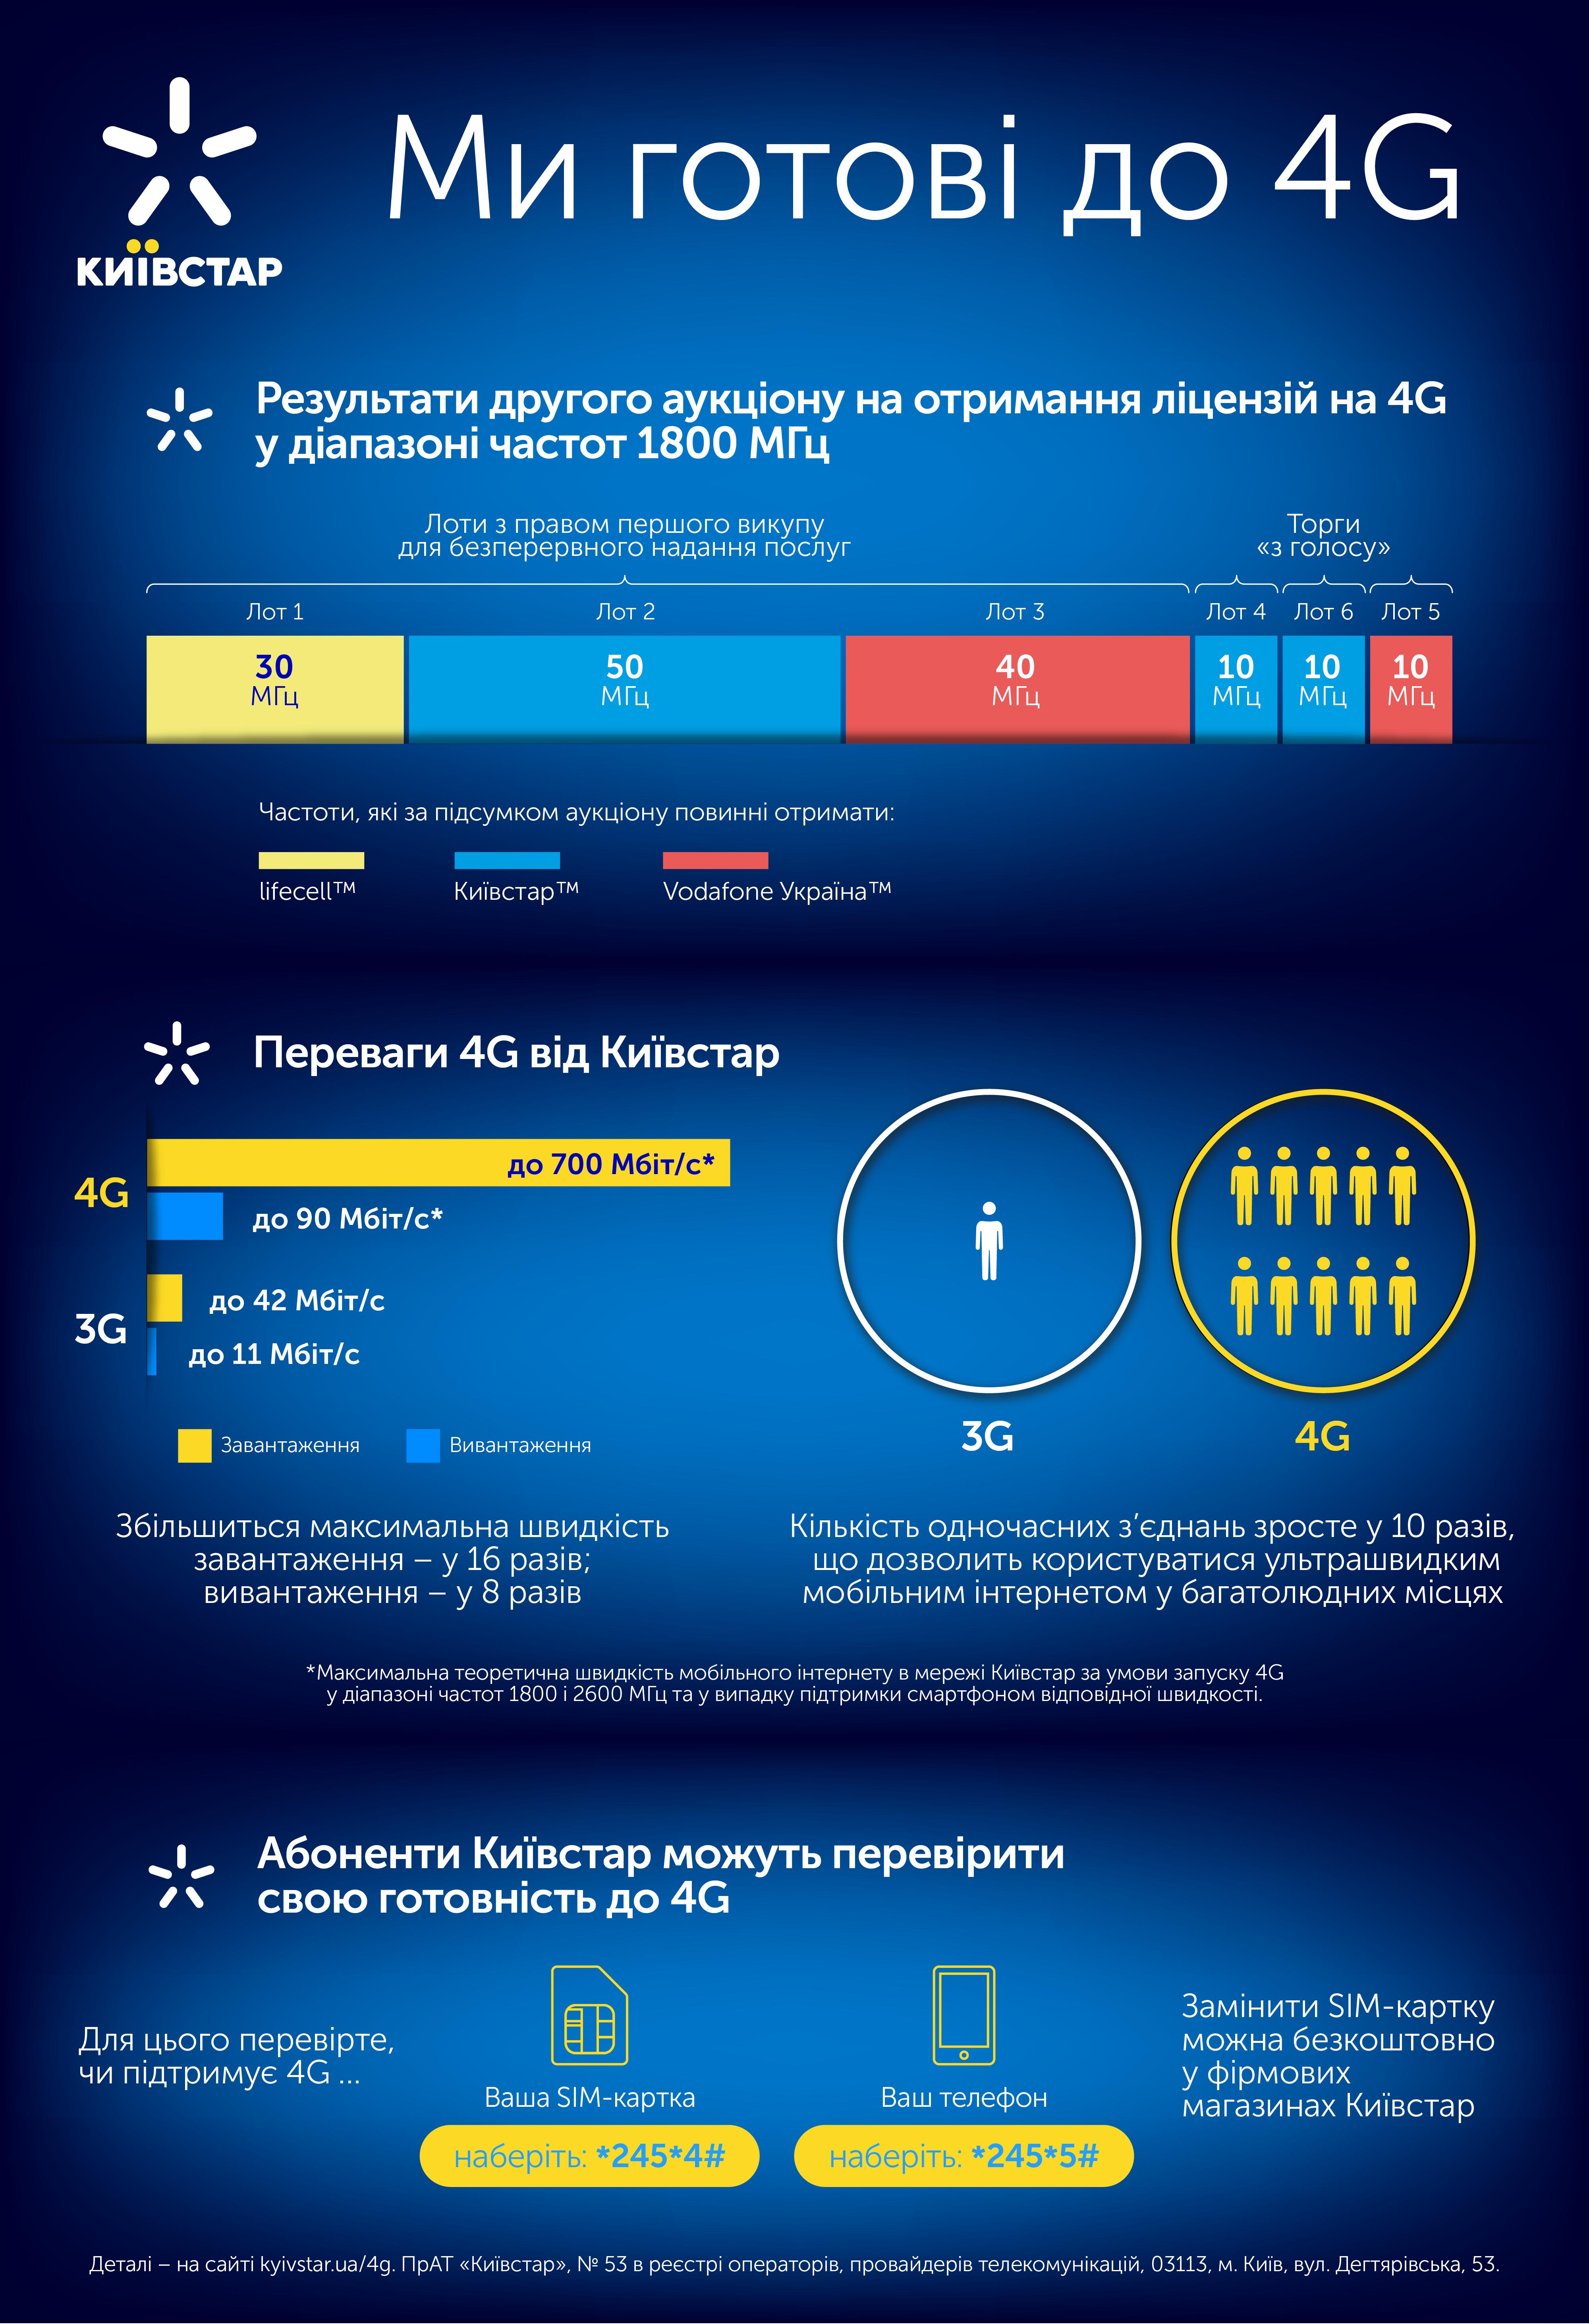 Результаты 4G аукциона